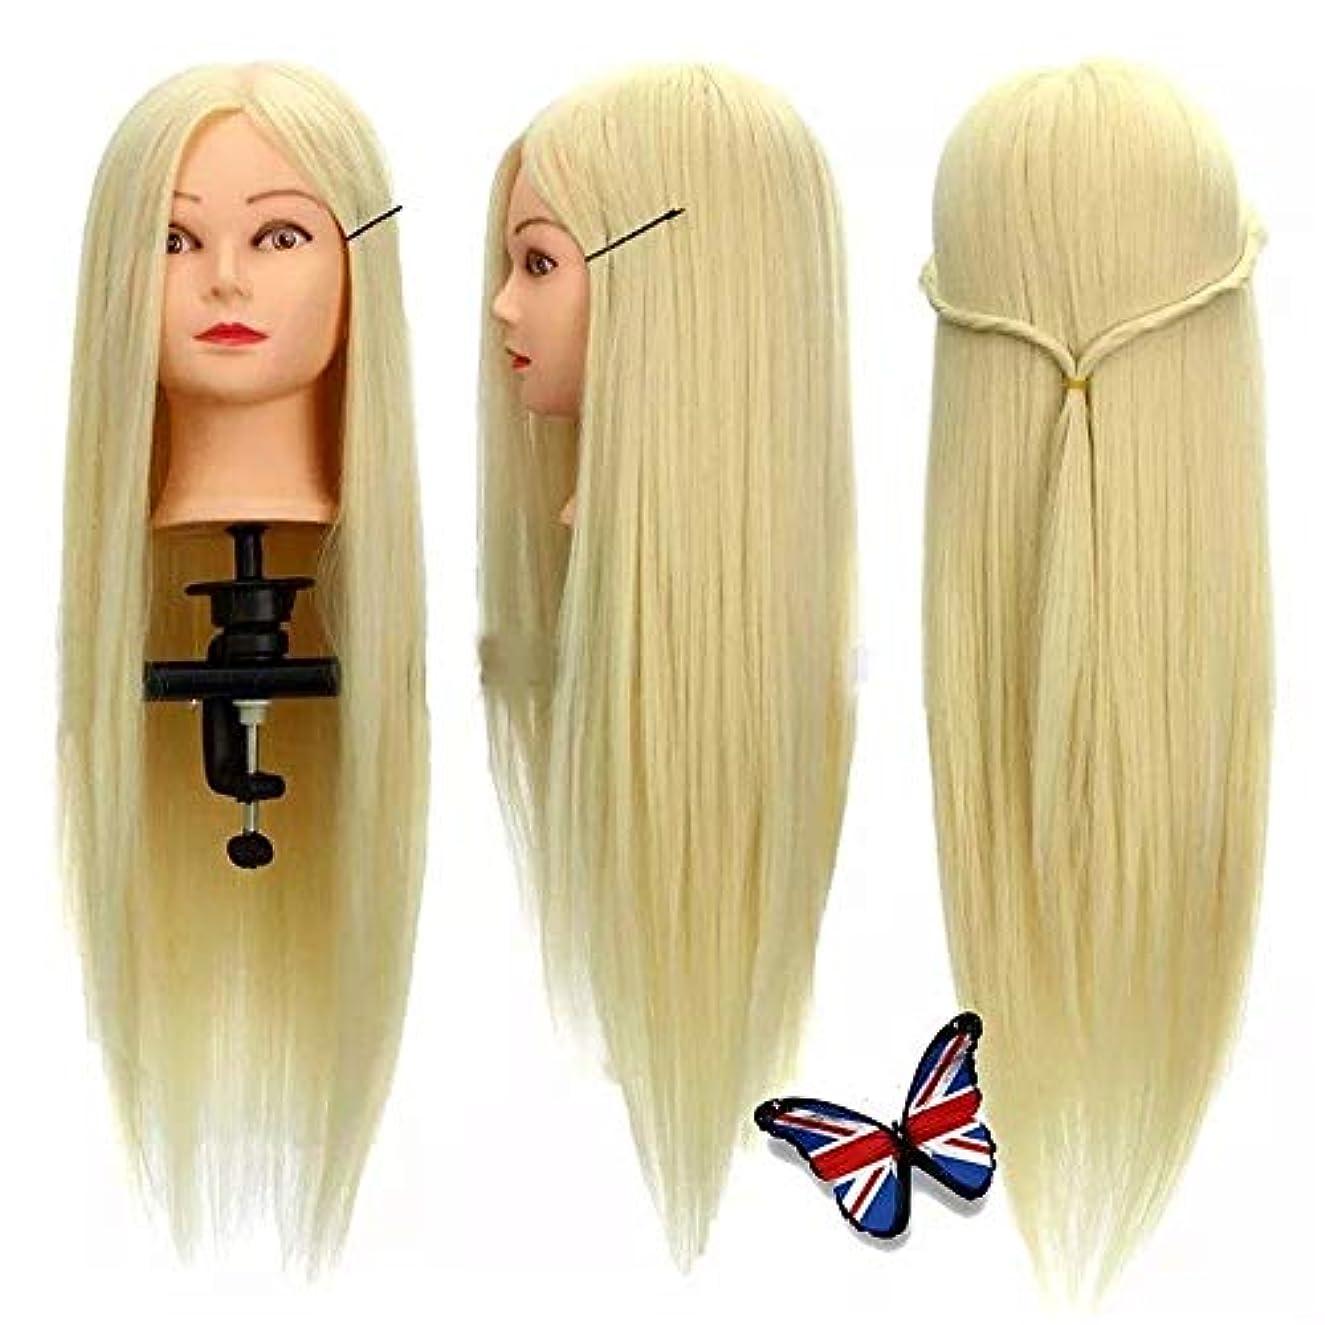 不愉快責め集中的なウイッグ マネキンヘッド 30%の本物の人間の髪の毛のトレーニング頭部サロン理髪カットマネキンでクランプでクランプホルダ 練習用 (色 : Blonde, サイズ : As picture shows)